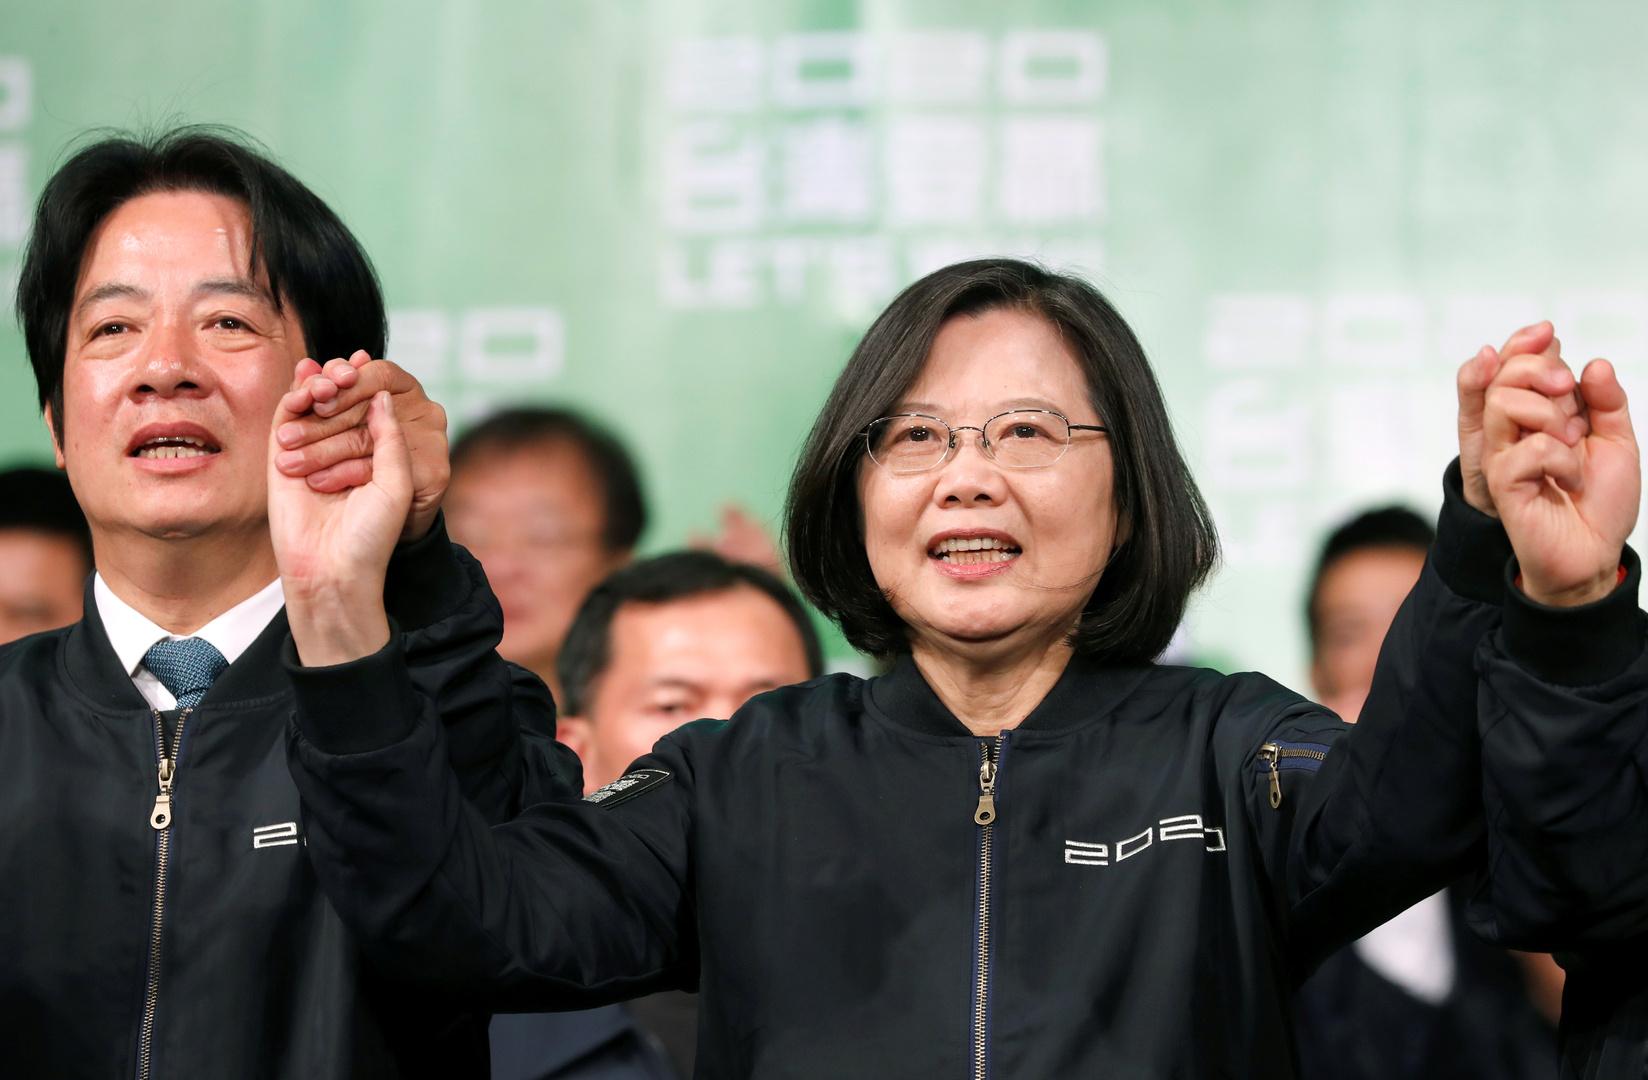 بكين: تايوان جزء من الصين ولن نغير موقفنا!